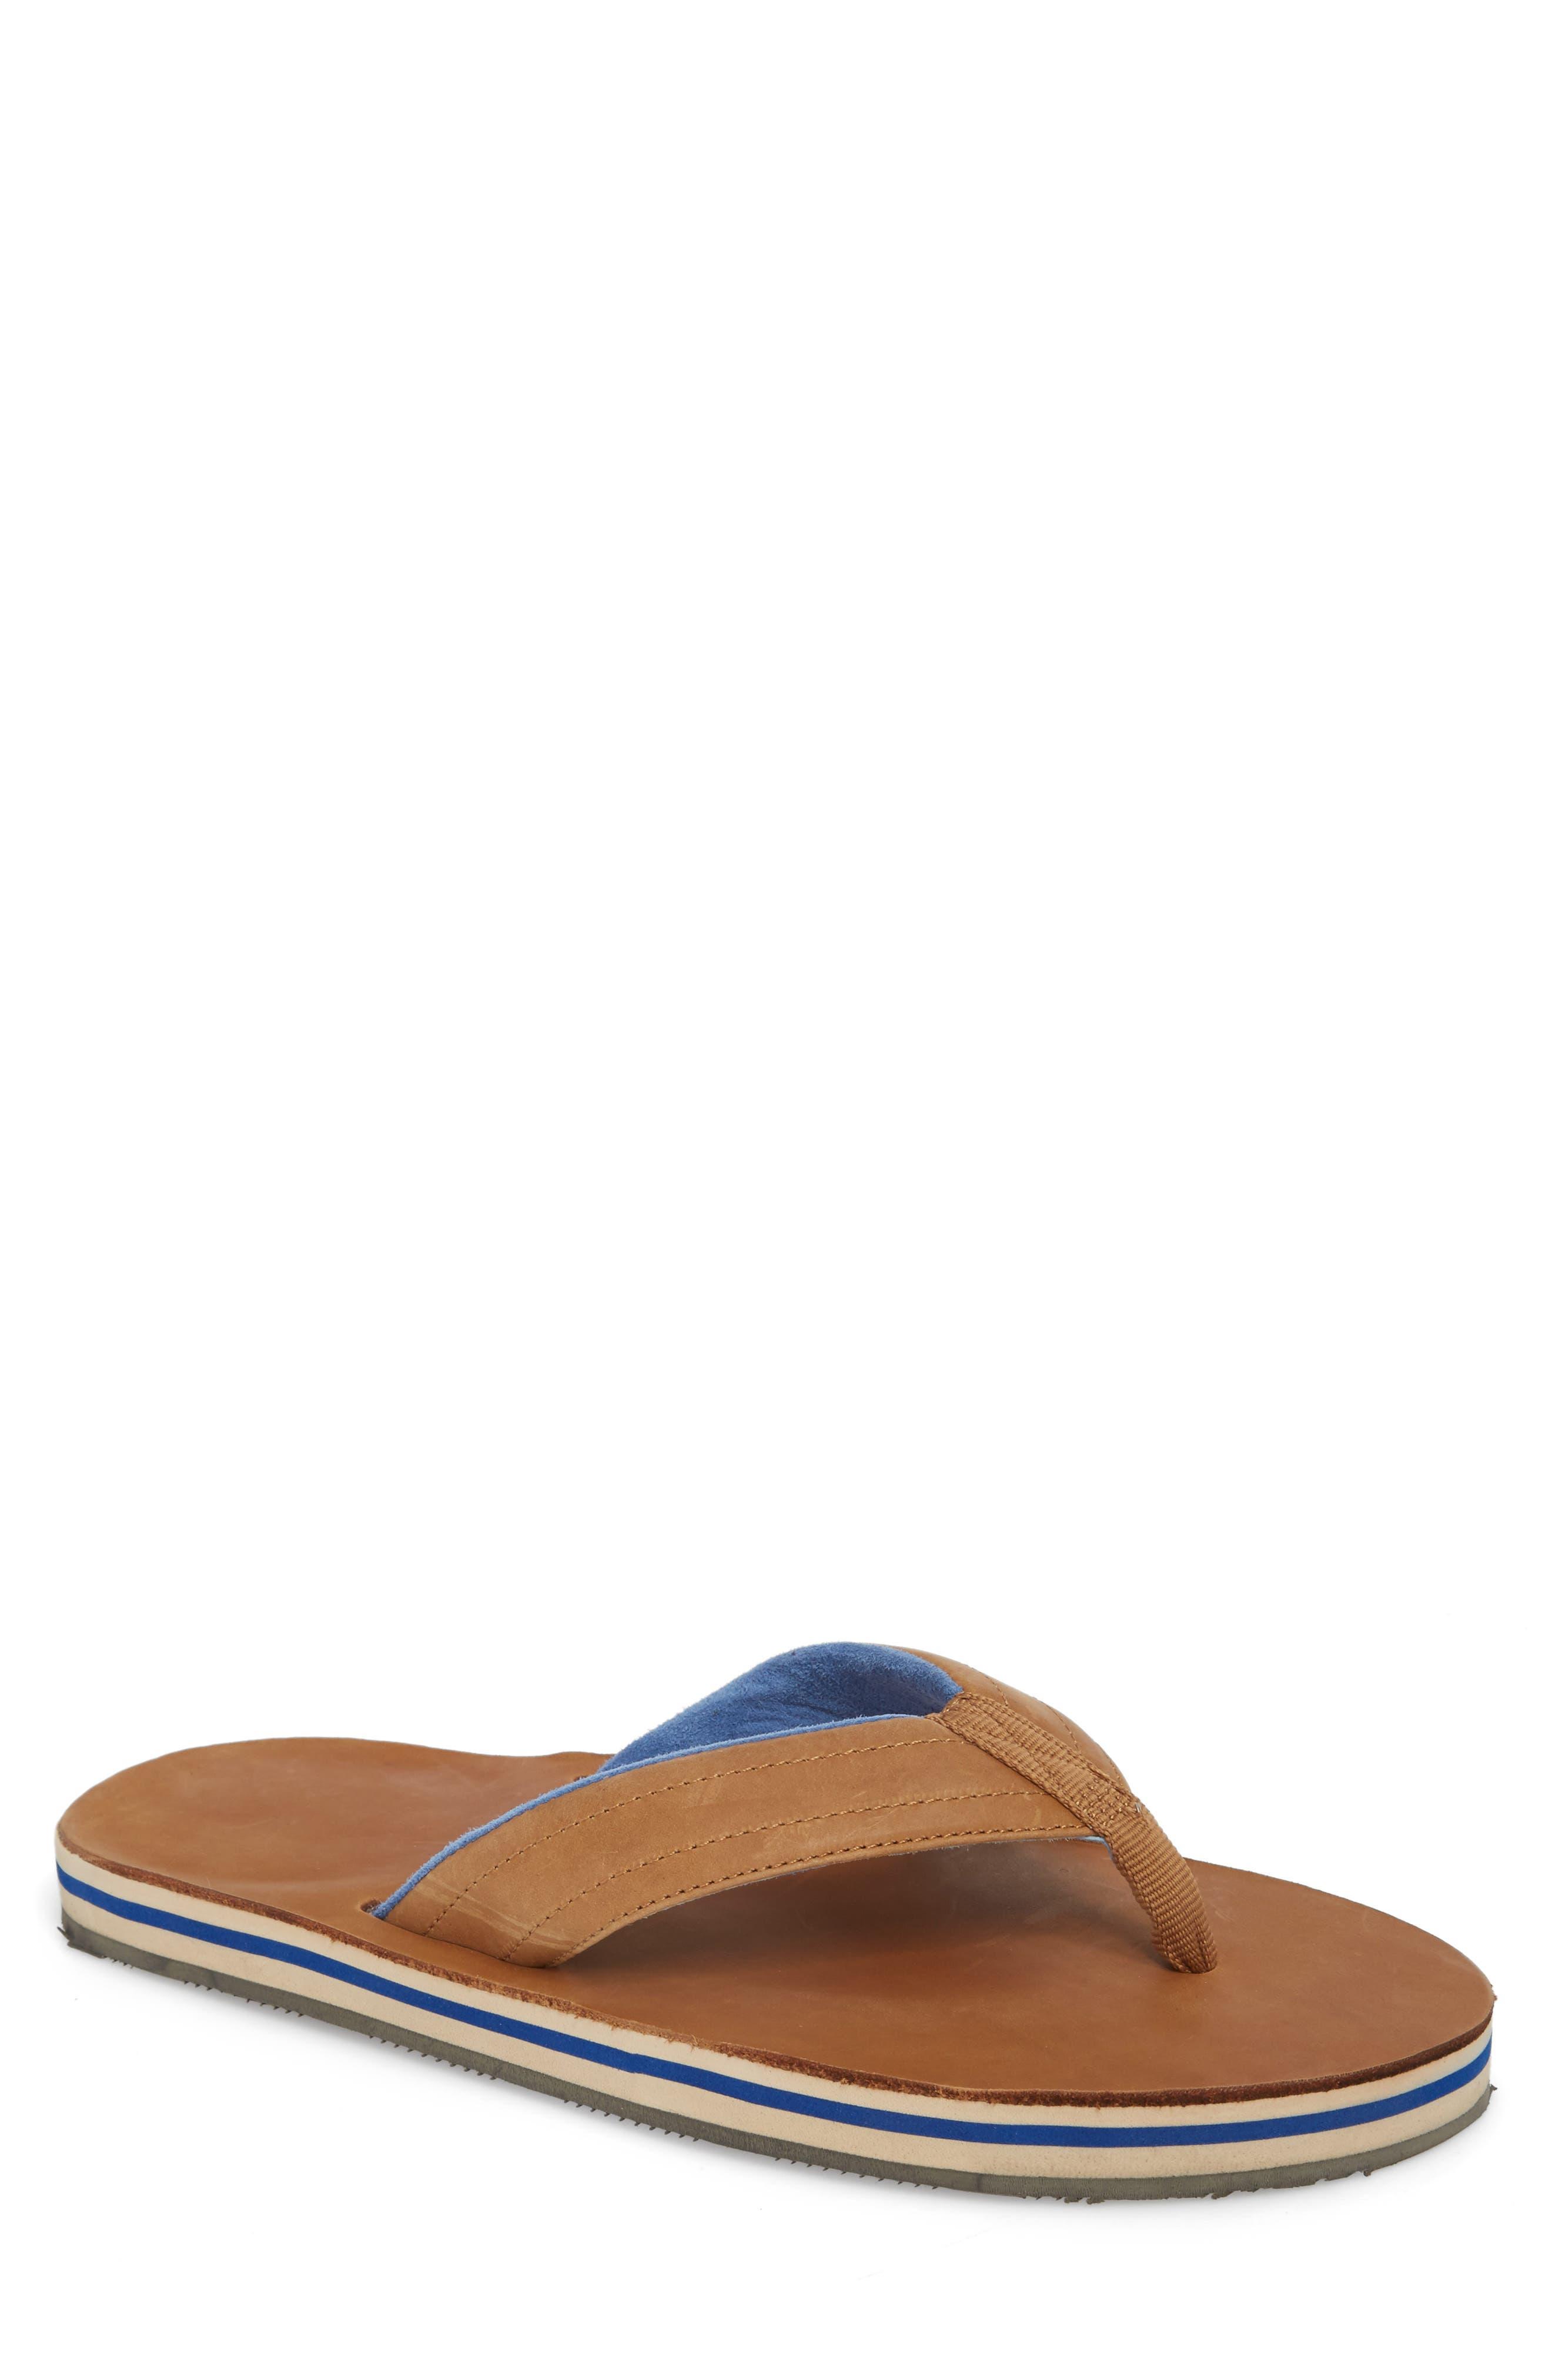 Lakes Sandwich Stripe Flip Flop,                         Main,                         color, Tan/ Navy Leather